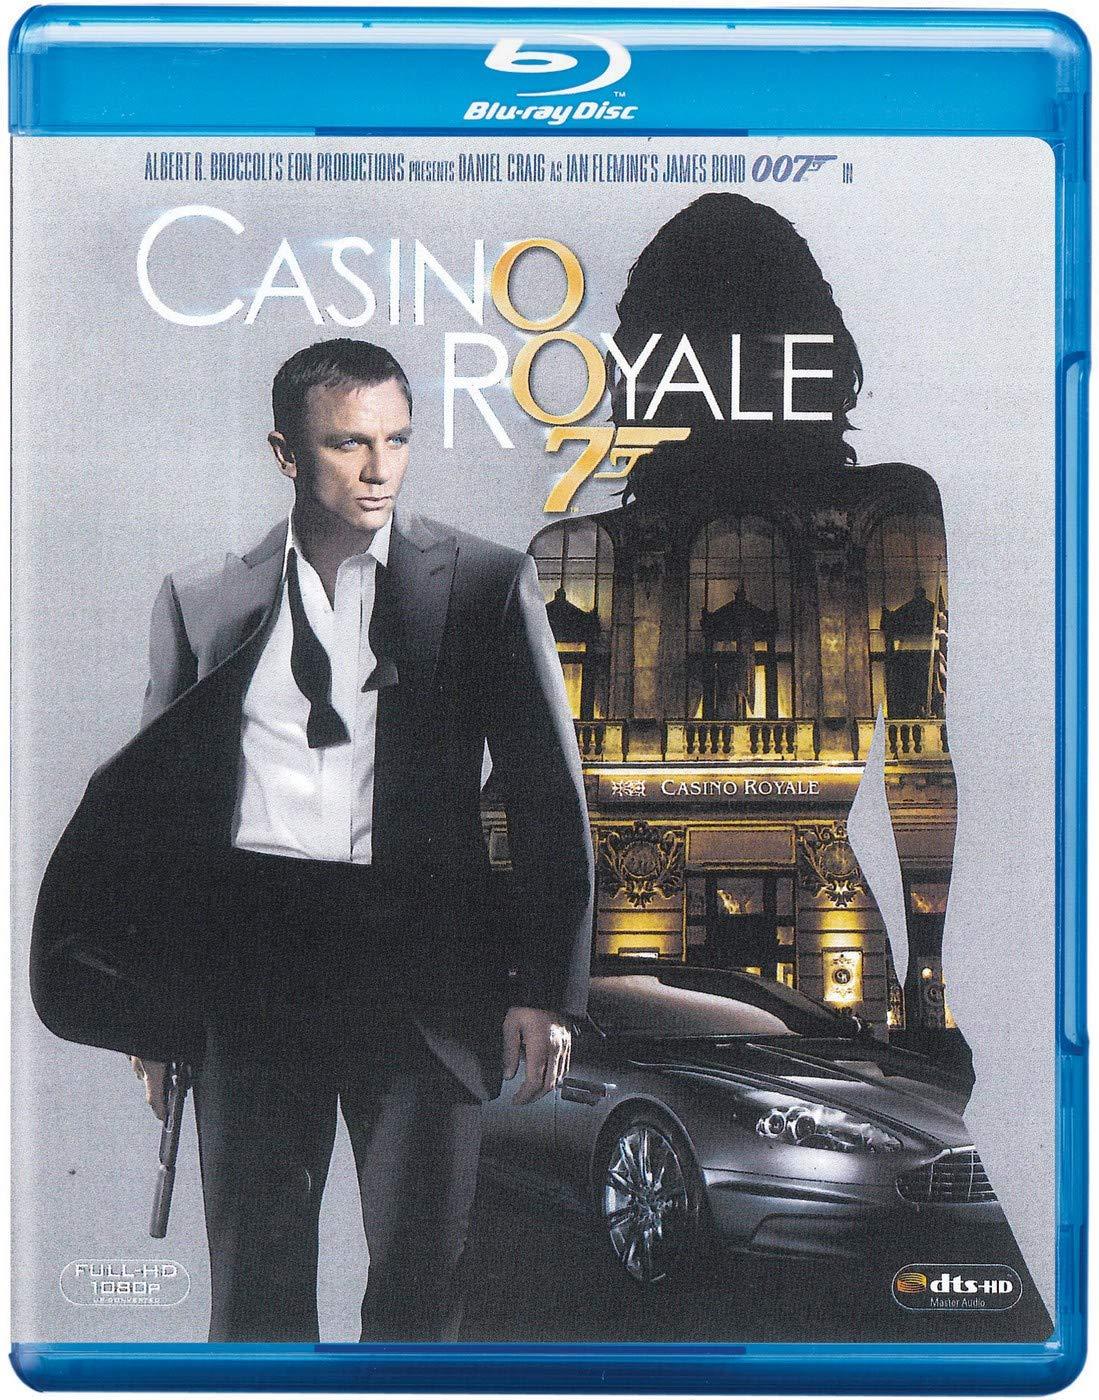 Casino royale james bond 007 online как играют в покер онлайн на настоящие деньги